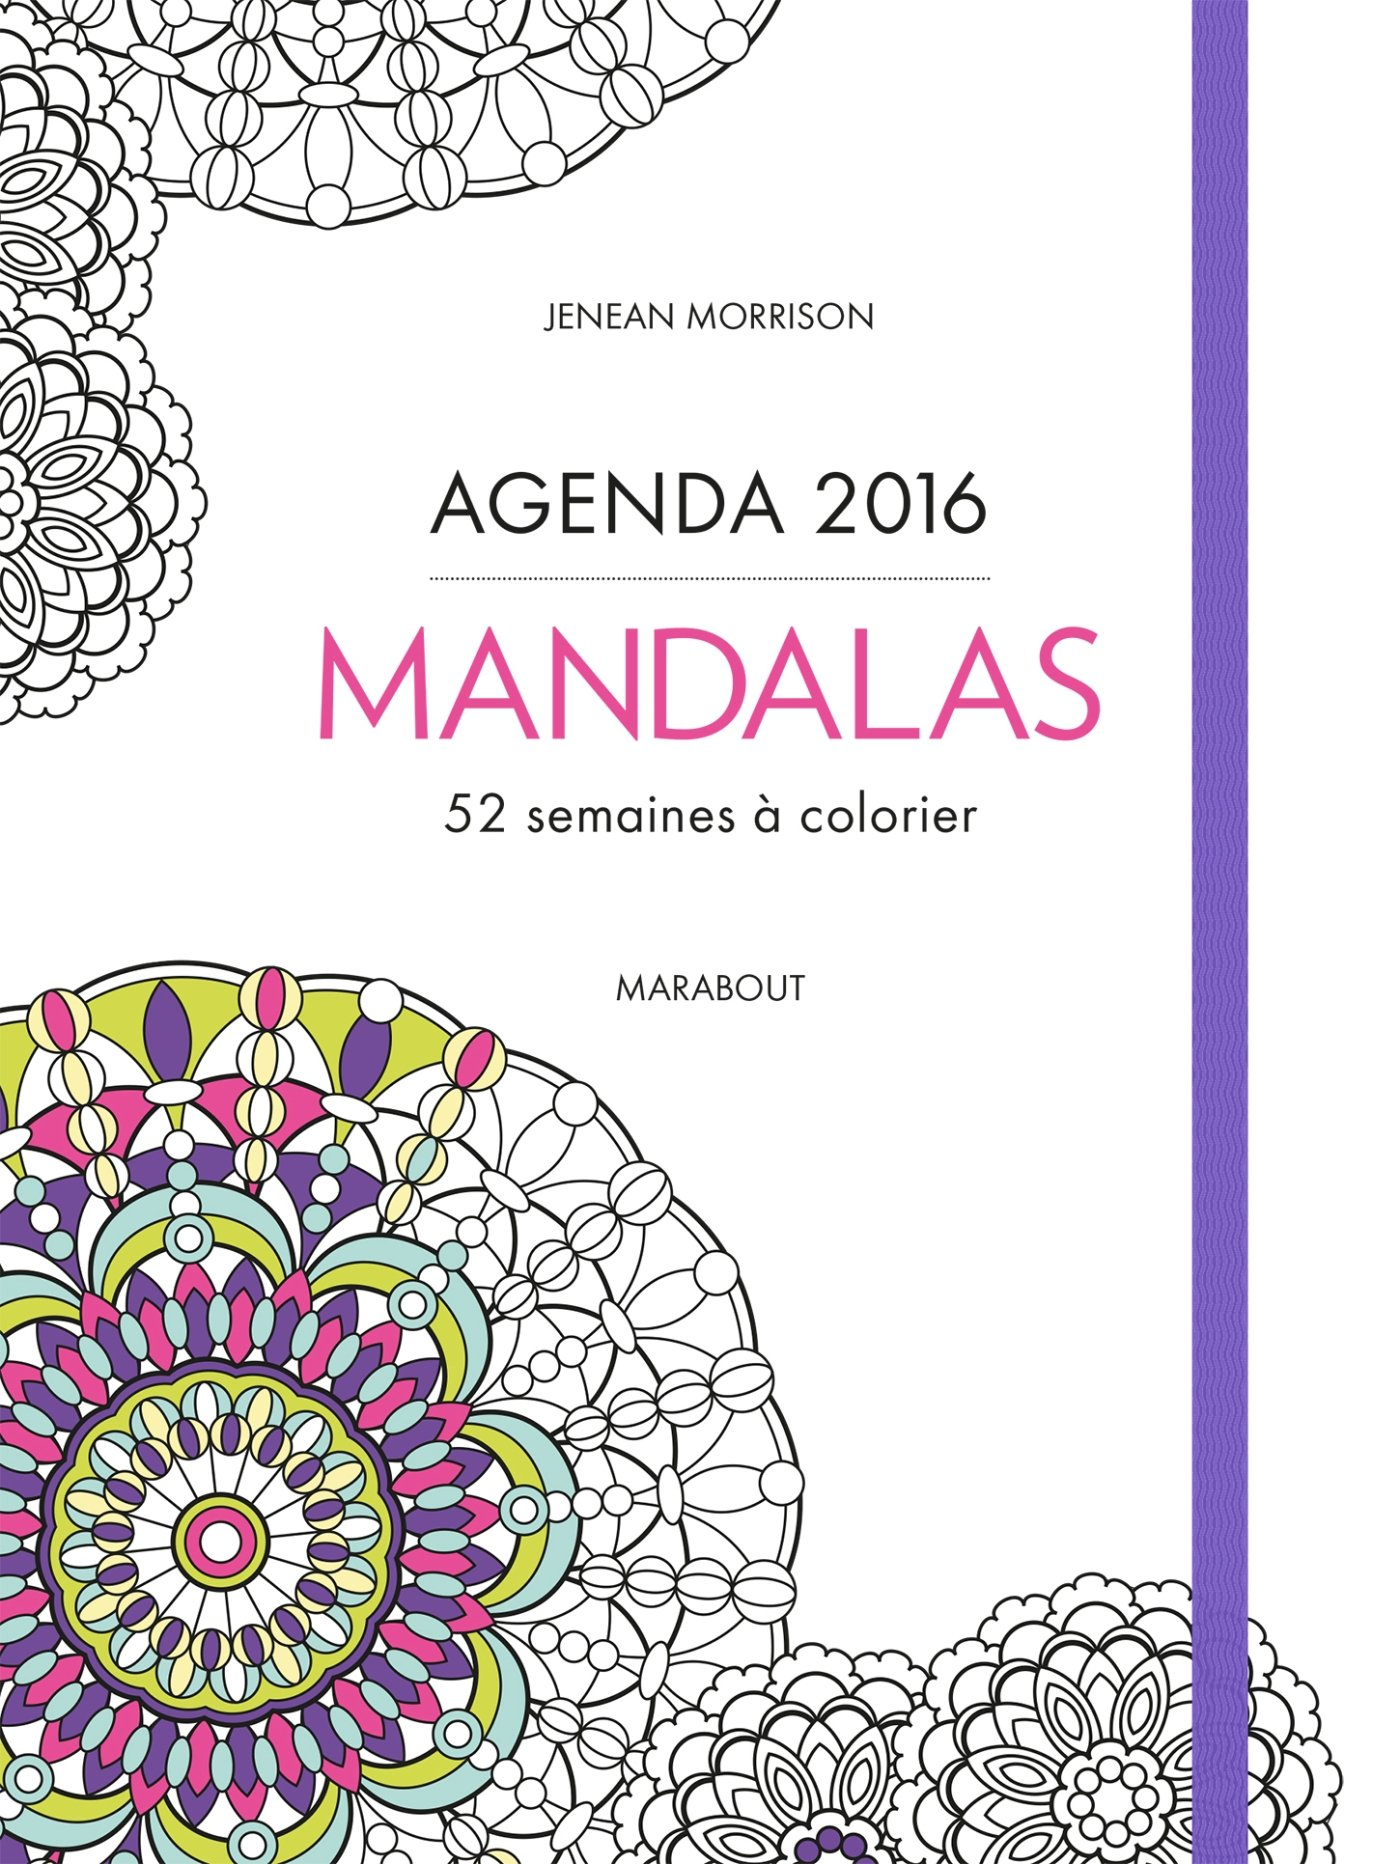 Agenda 2016 Mandalas: 52 semaines à colorier Vie Quotidienne ...